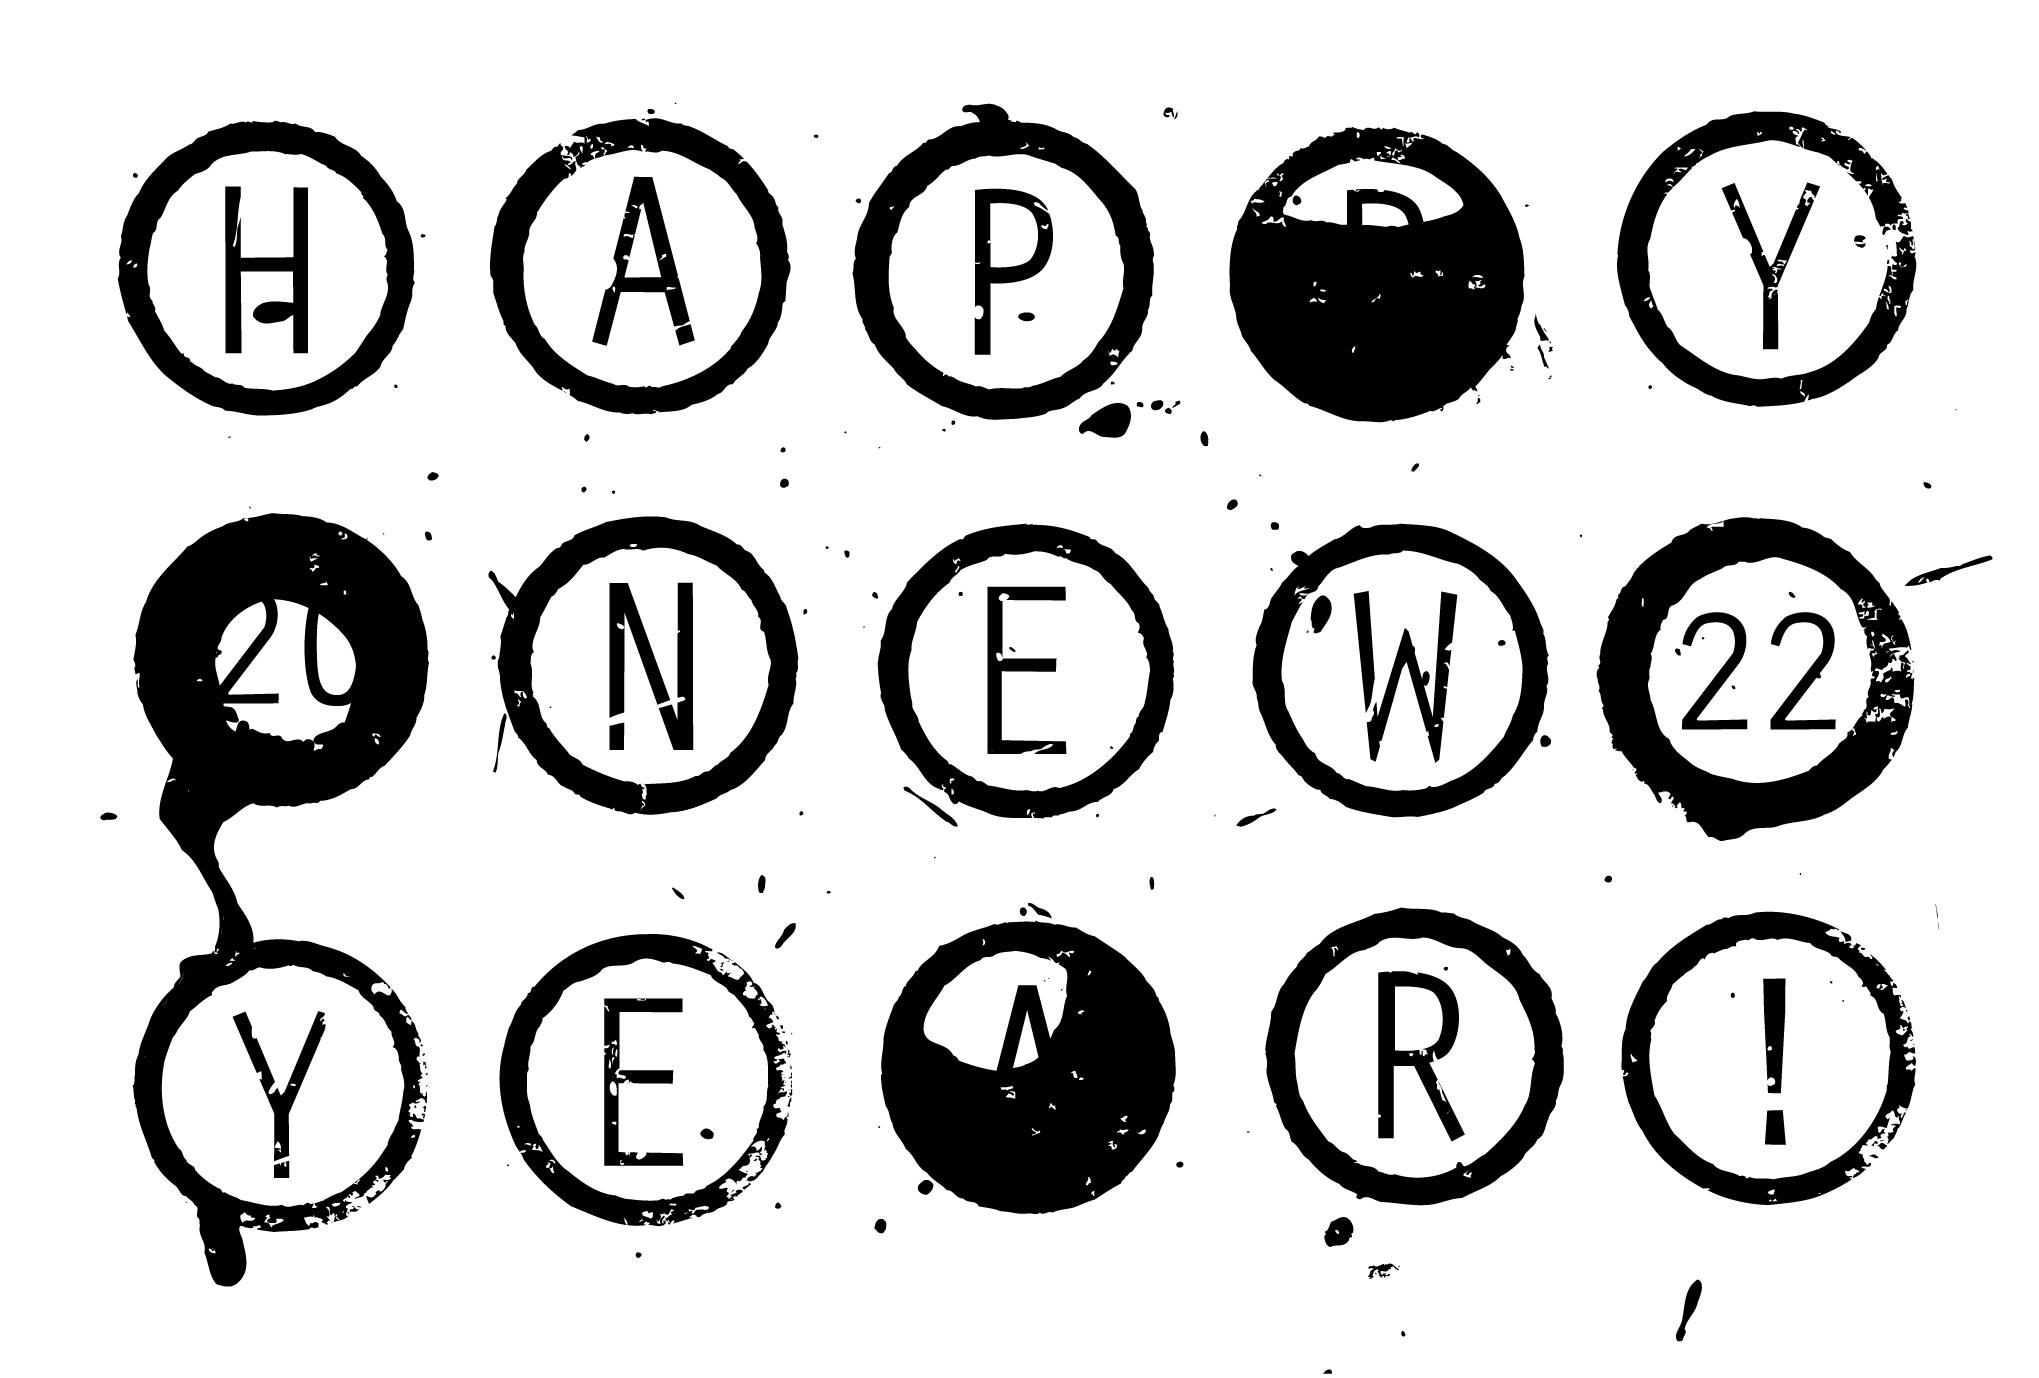 2022年賀状01-1:Circle 2022(黒)のダウンロード画像